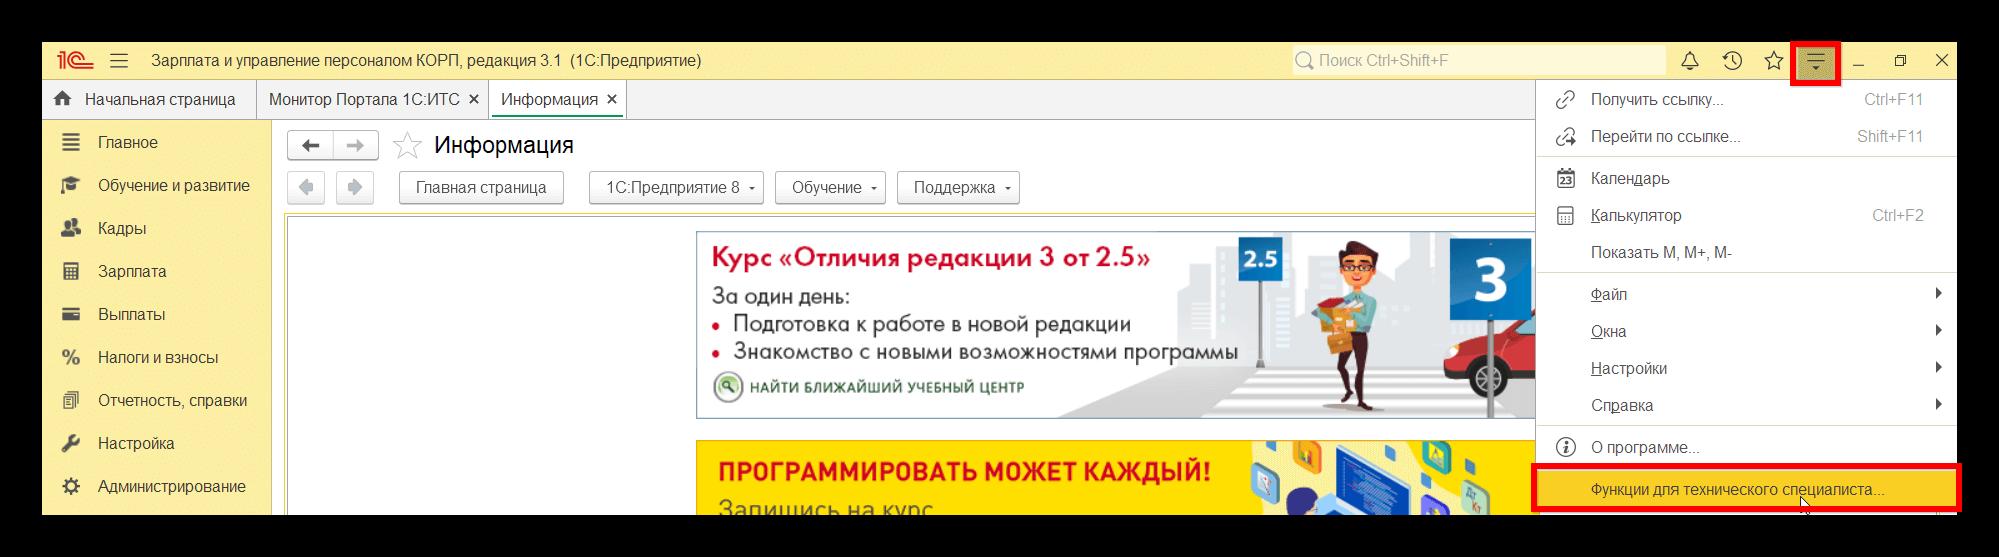 Функционал для технического специалиста в 1С 8 ЗУП 3.1